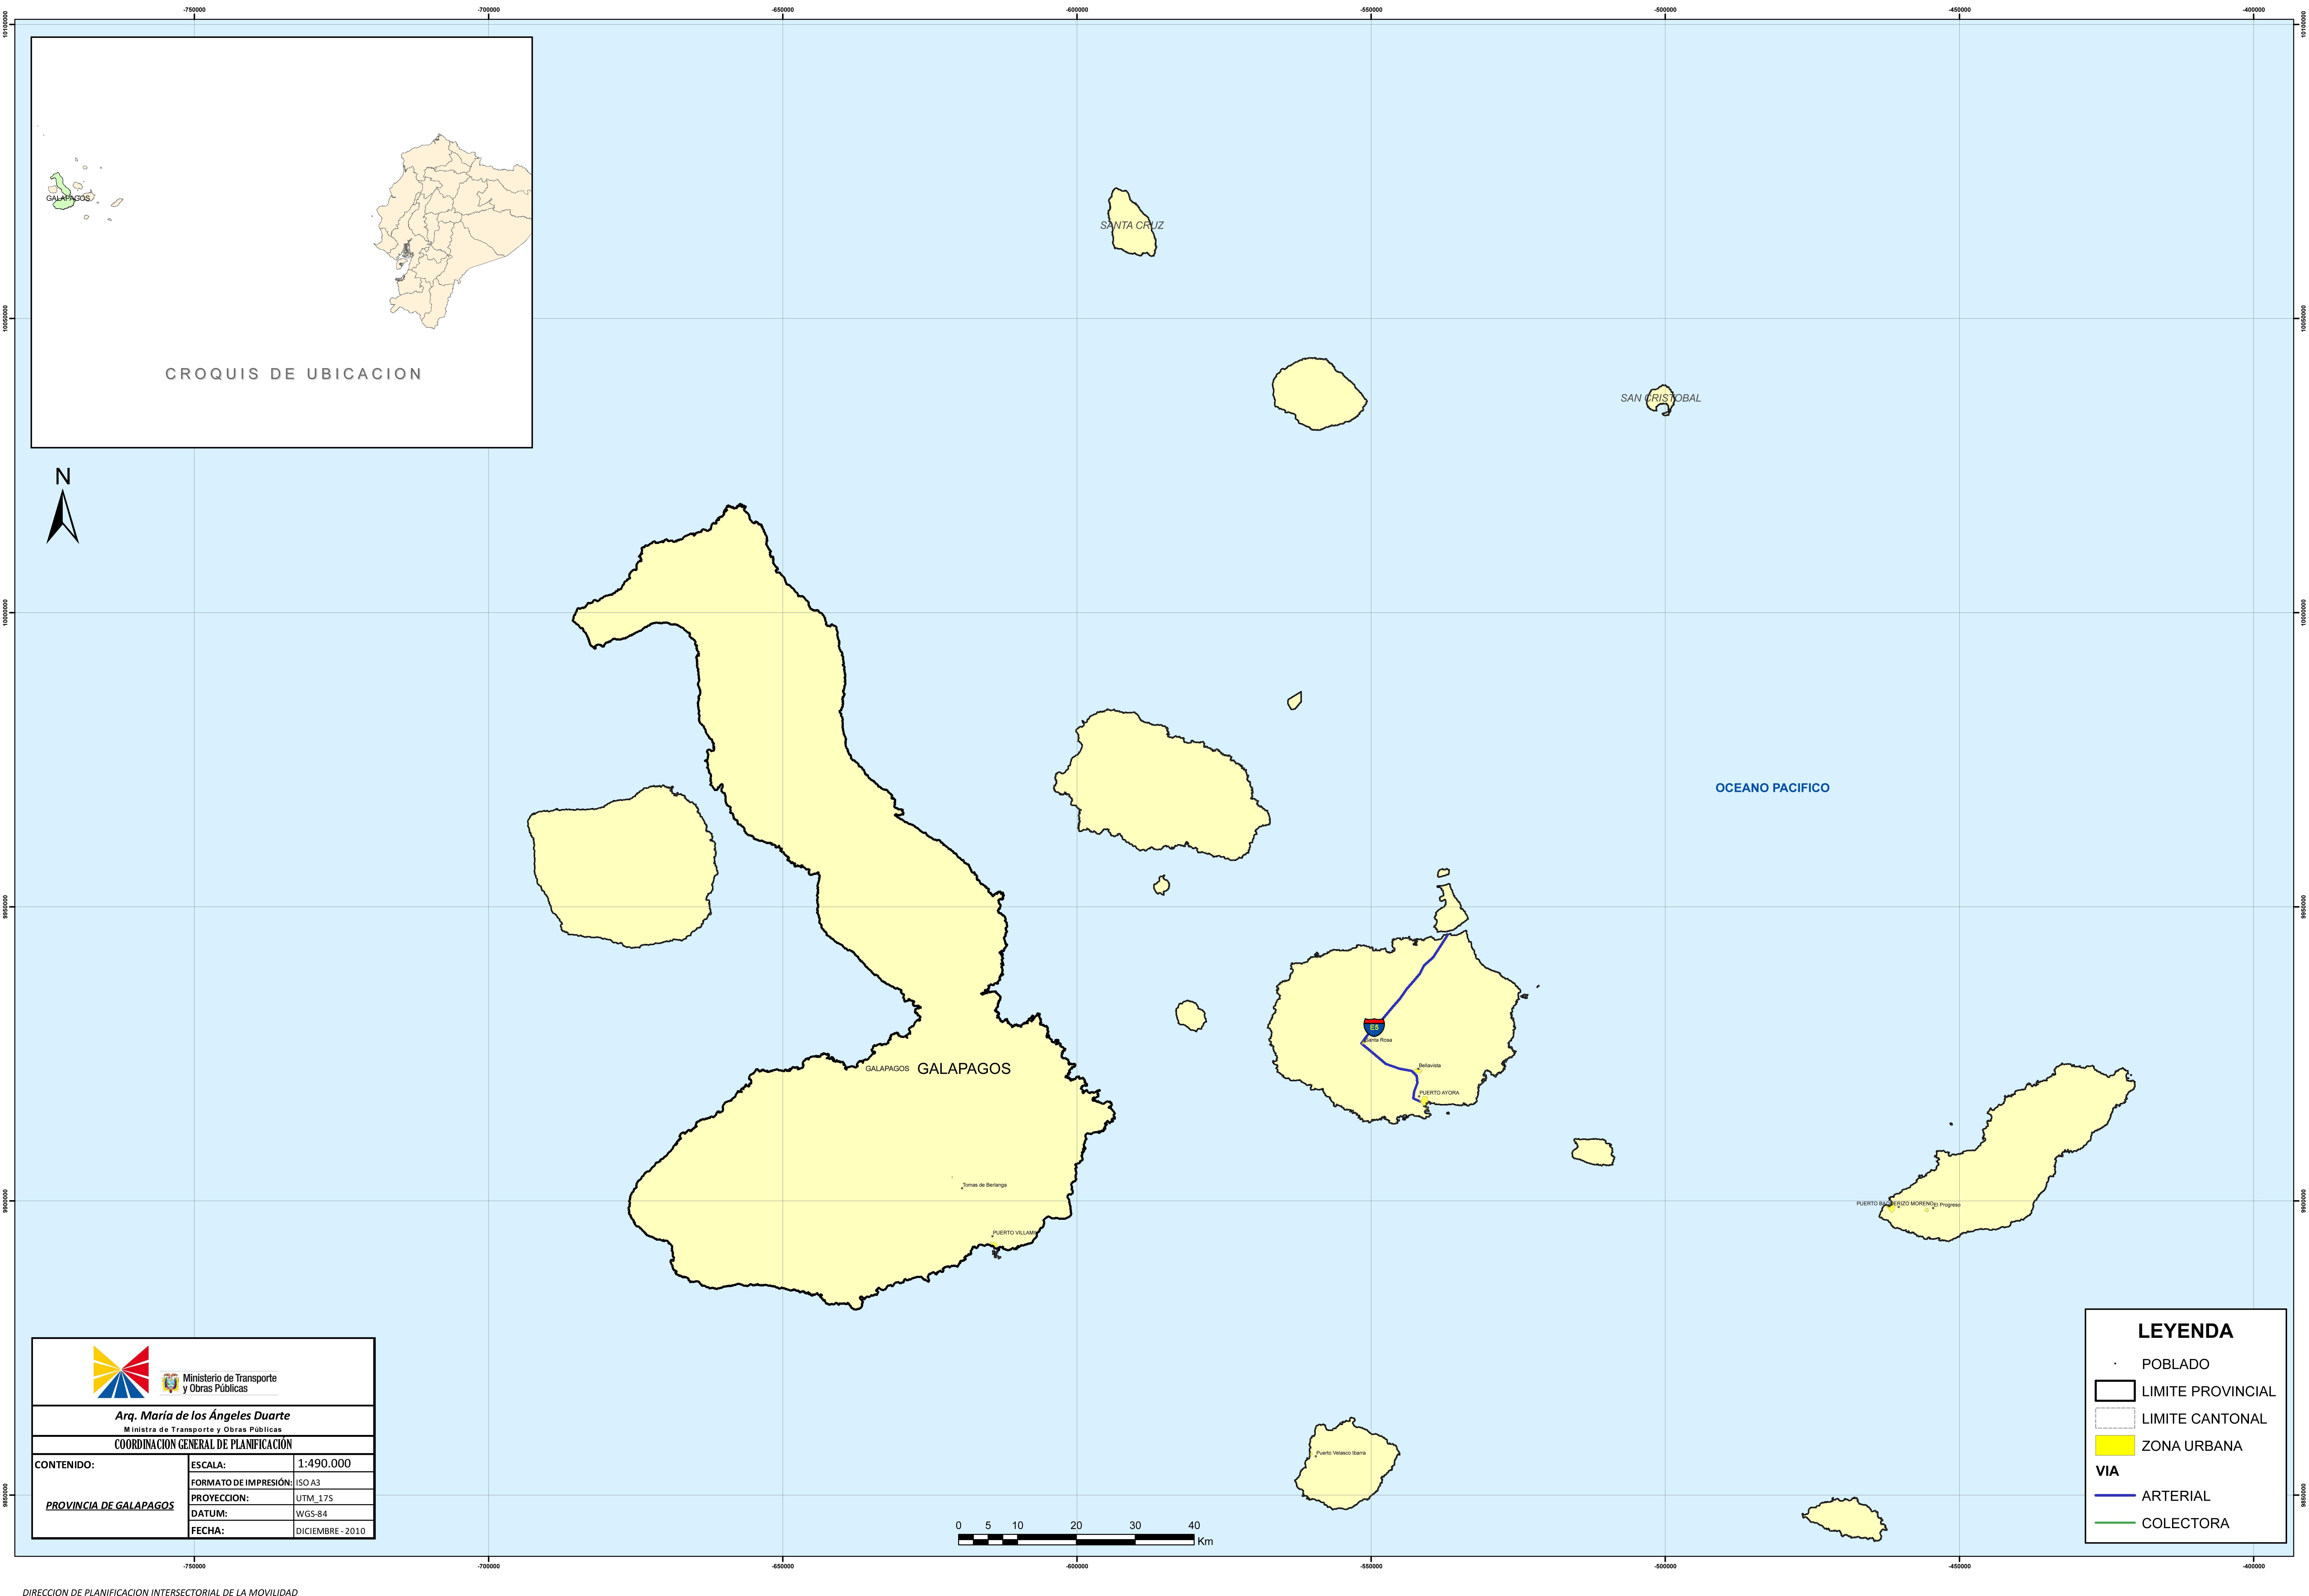 Mapa de Galápagos 2010